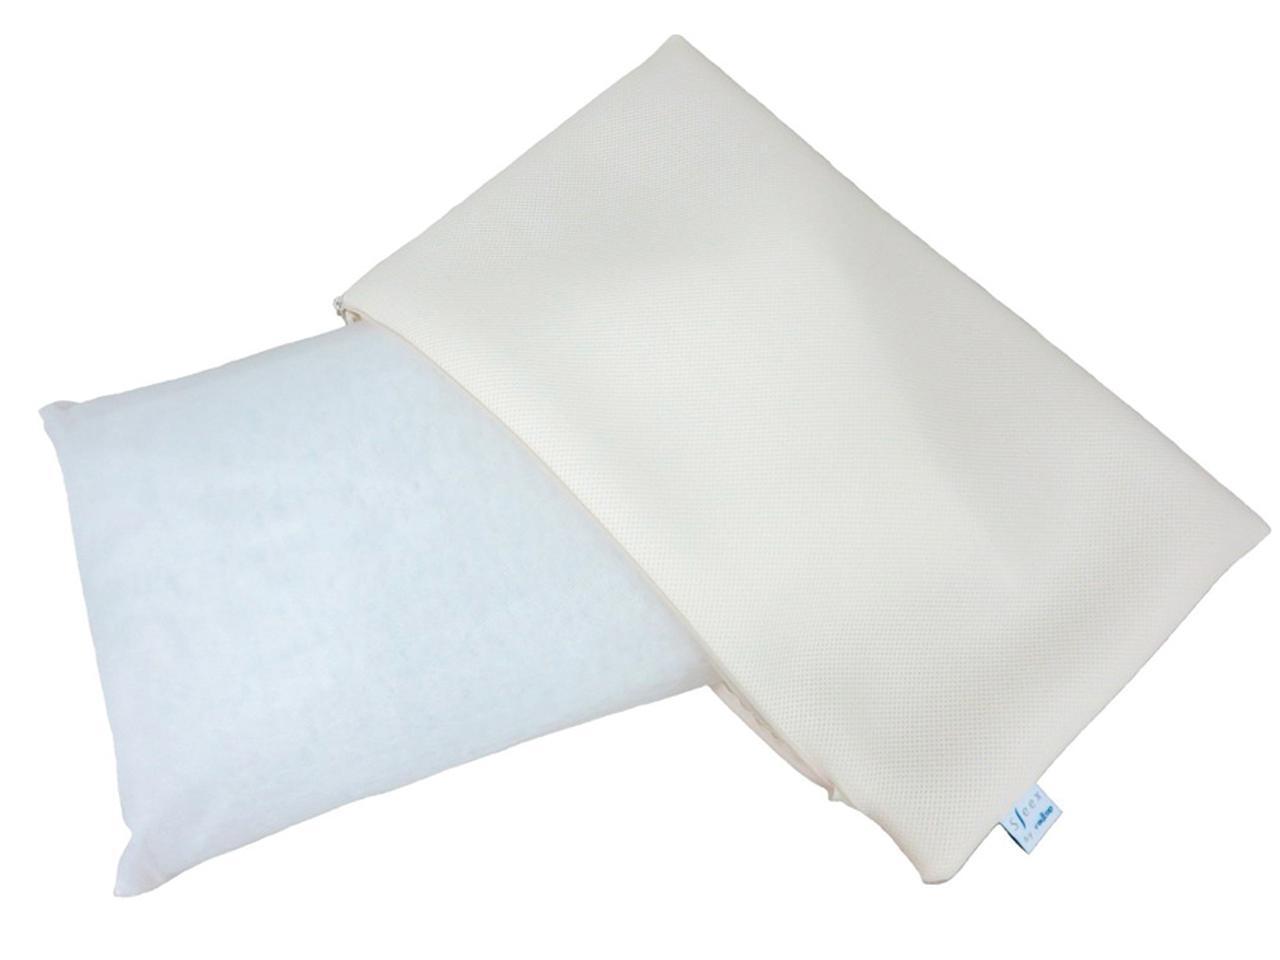 画像: レイコップ Sleex Pillow by raycop